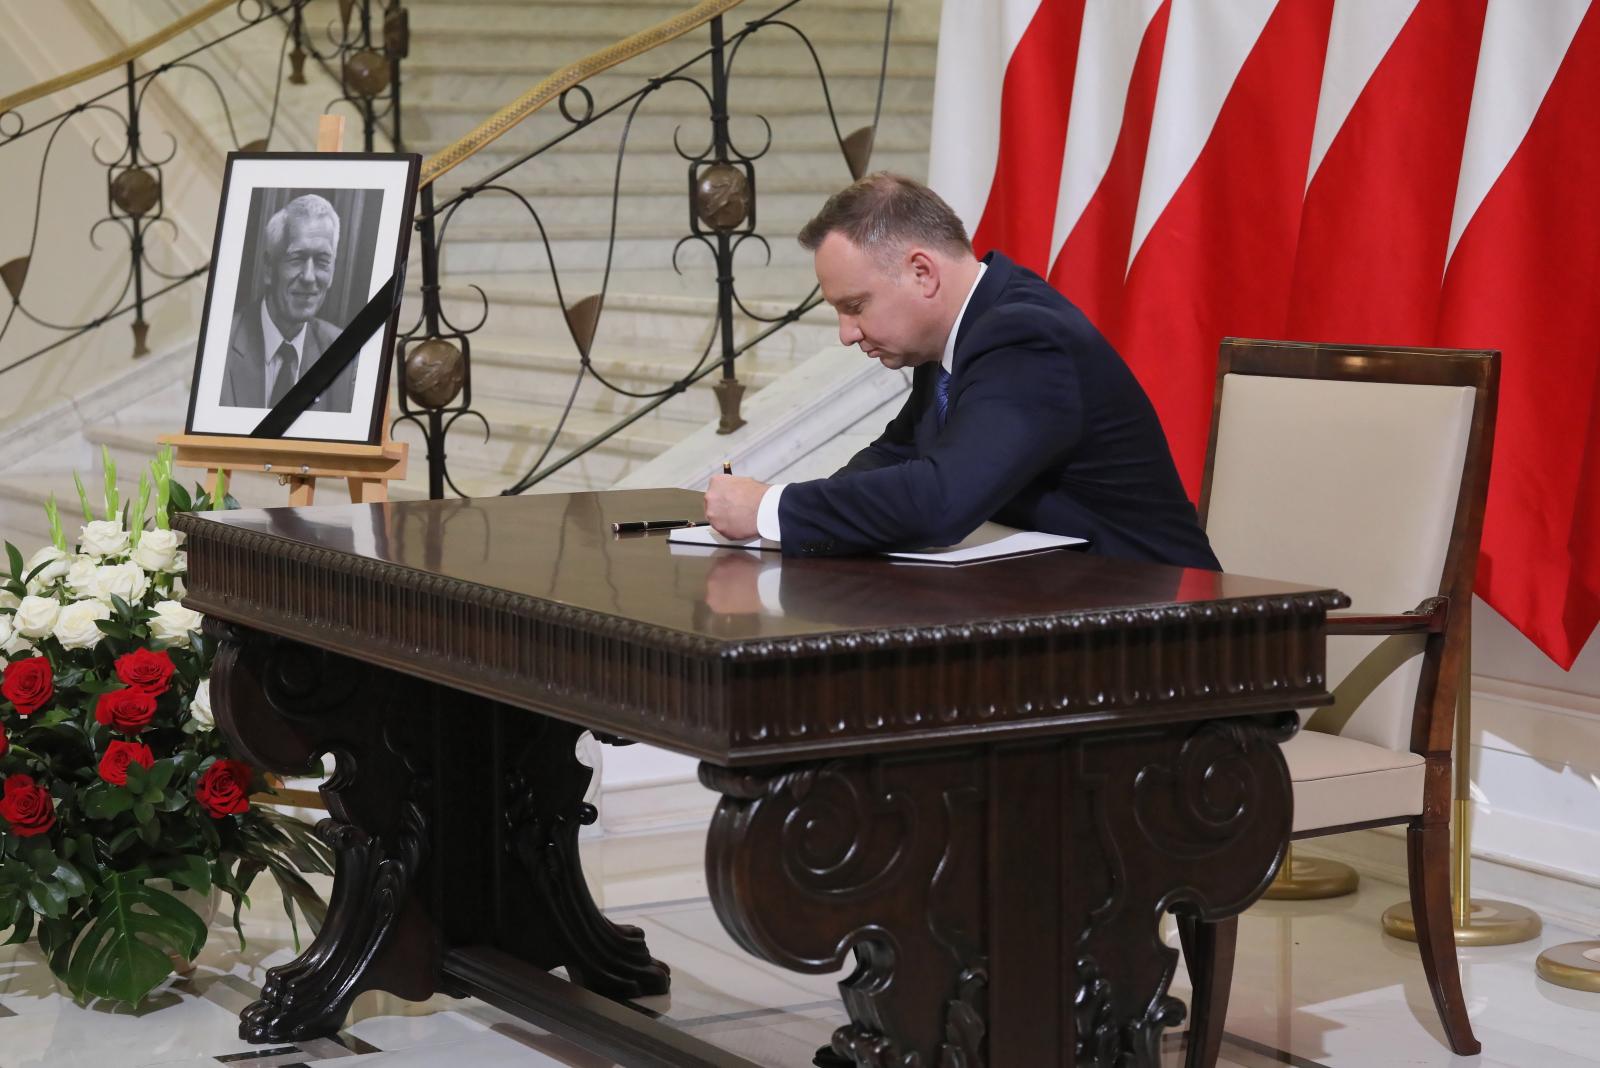 Prezydent Andrzej Duda wpisał się do księgi kondolencyjnej wyłożonej w Sejmie po śmierci Kornela Morawieckiego. fot. PAP/Paweł Supernak